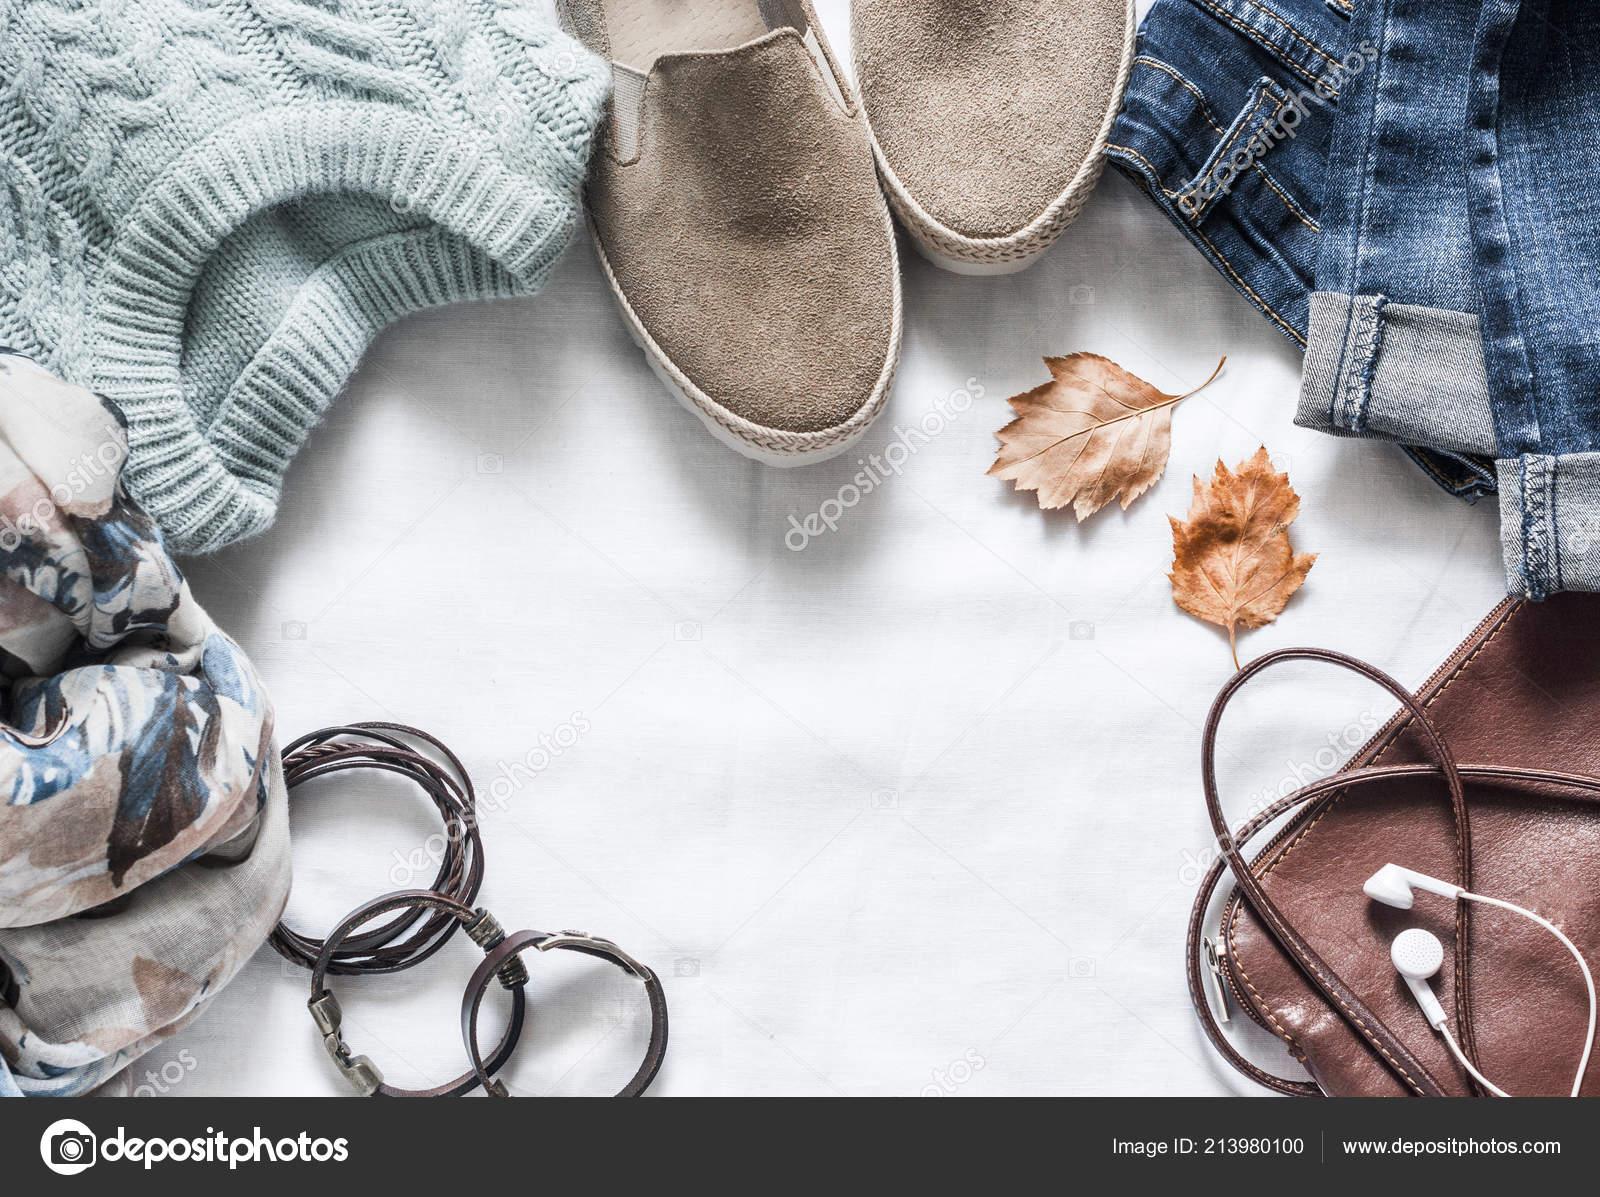 b6761b0a13e Γυναικεία Φθινοπωρινά Ρούχα σετ - πάνινα παπούτσια σουέτ, τζιν, πουλόβερ,  κασκόλ και δερμάτινη τσάντα. Γυναικεία ρούχα για το φθινόπωρο βόλτες σε ...